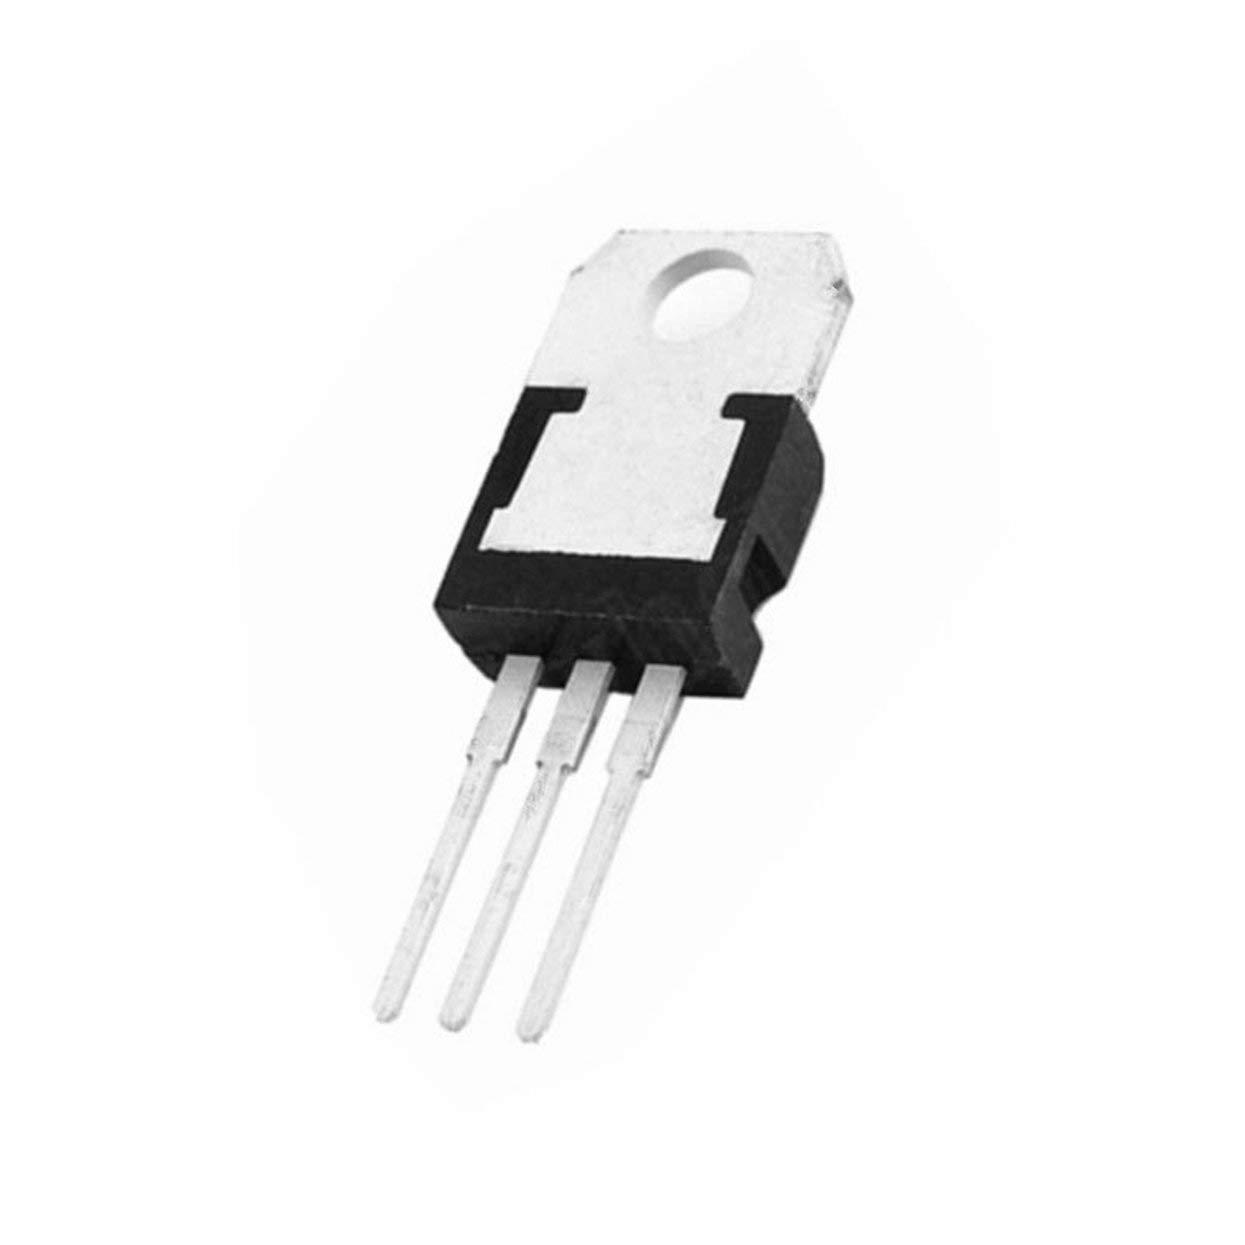 positive voltage regulator diy L7809cv l7809 st voltage regulator 9v 1,5a